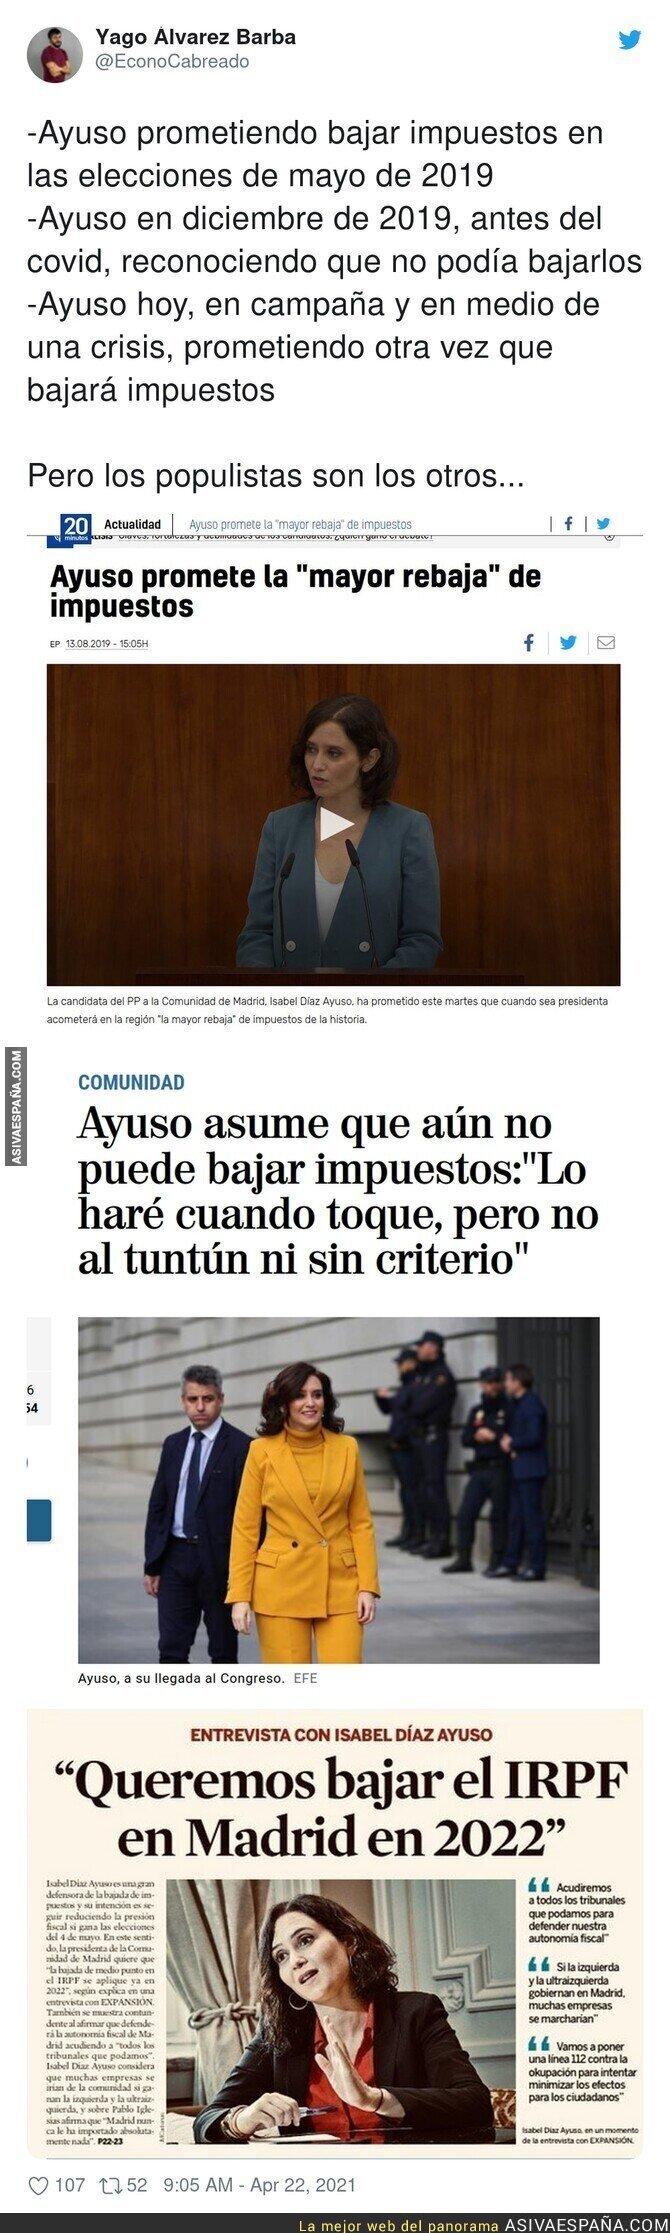 712232 - Isabel Díaz Ayuso y la bajada de impuestos